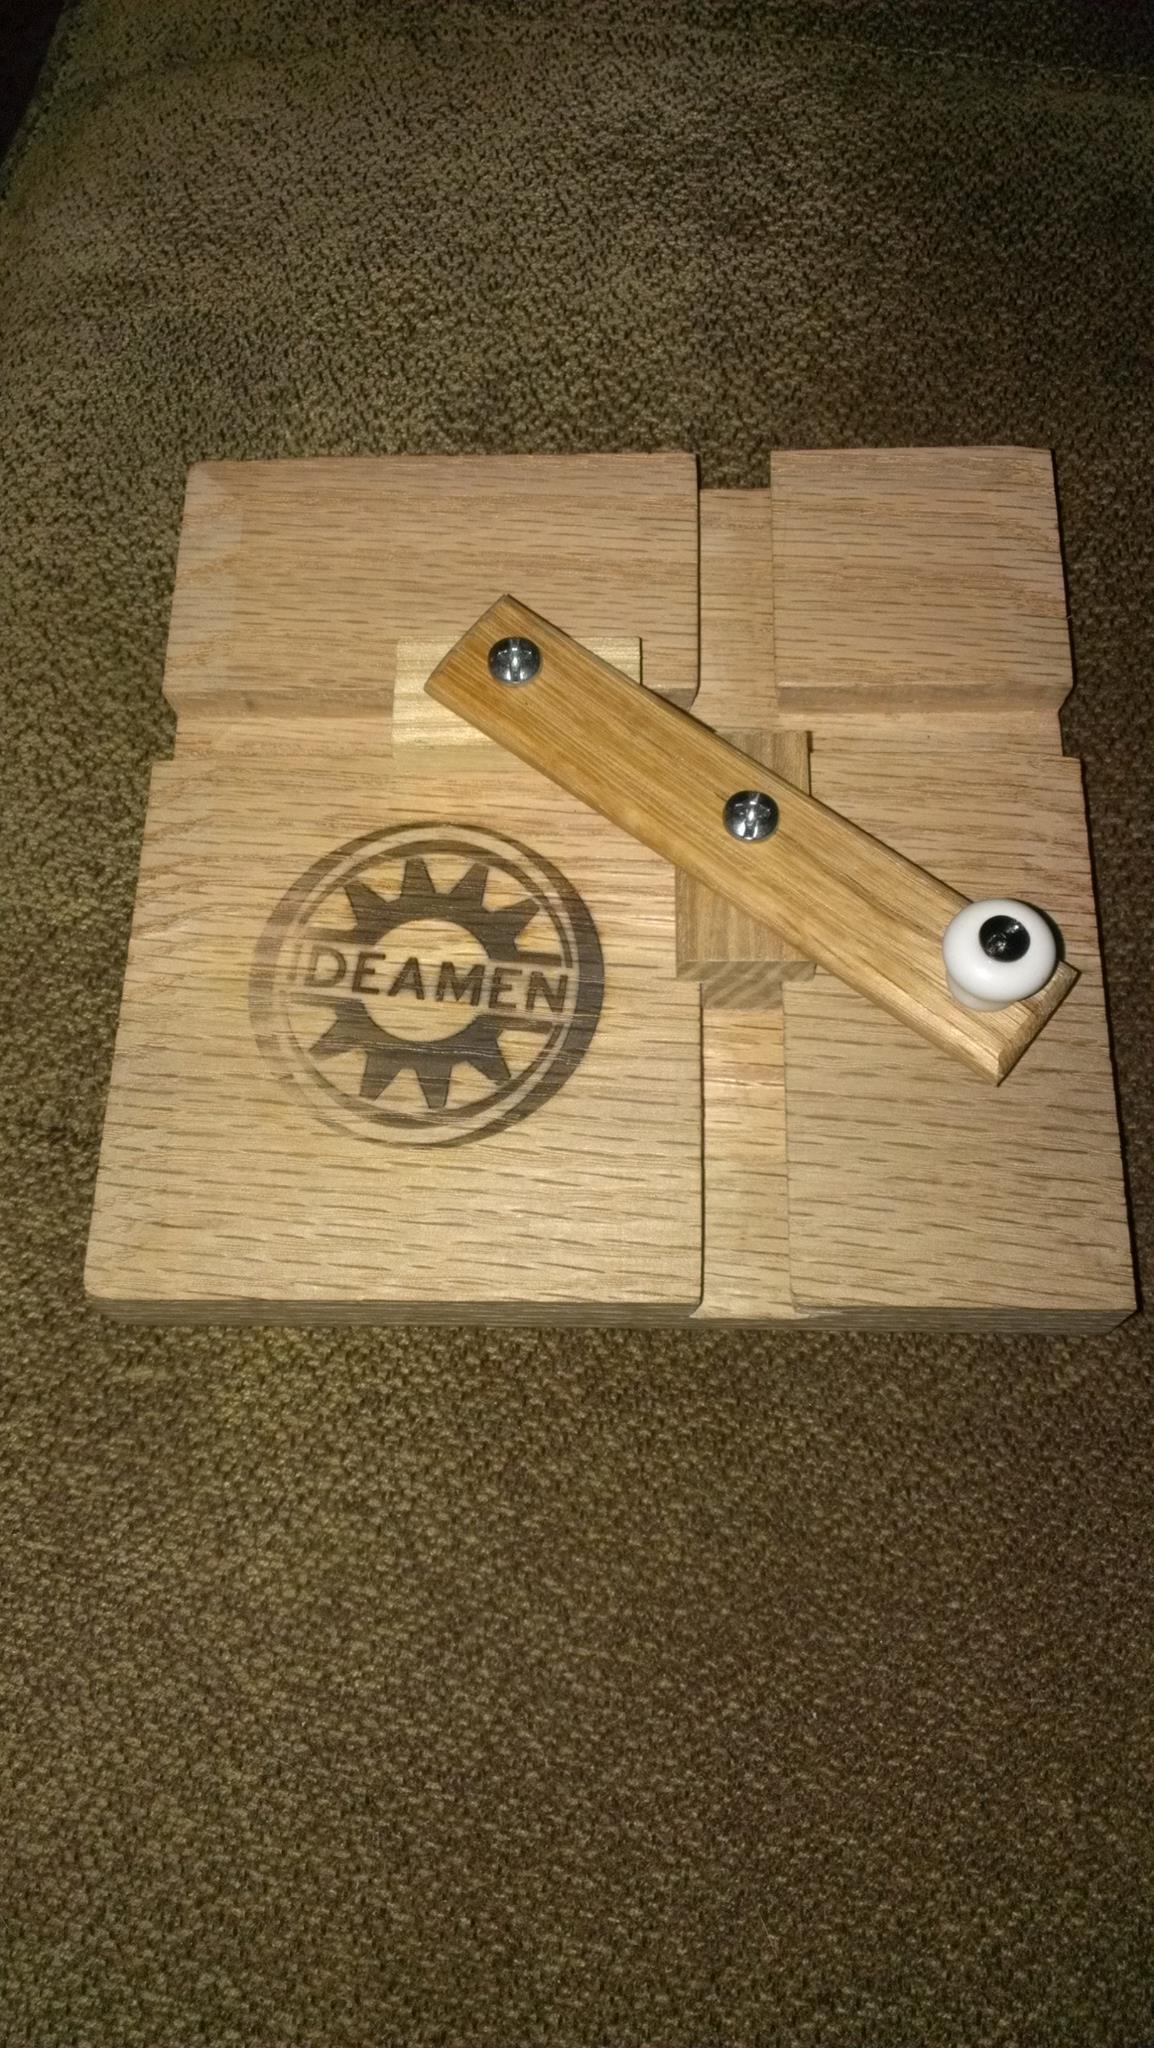 Archimedes Trammel - Fan Image